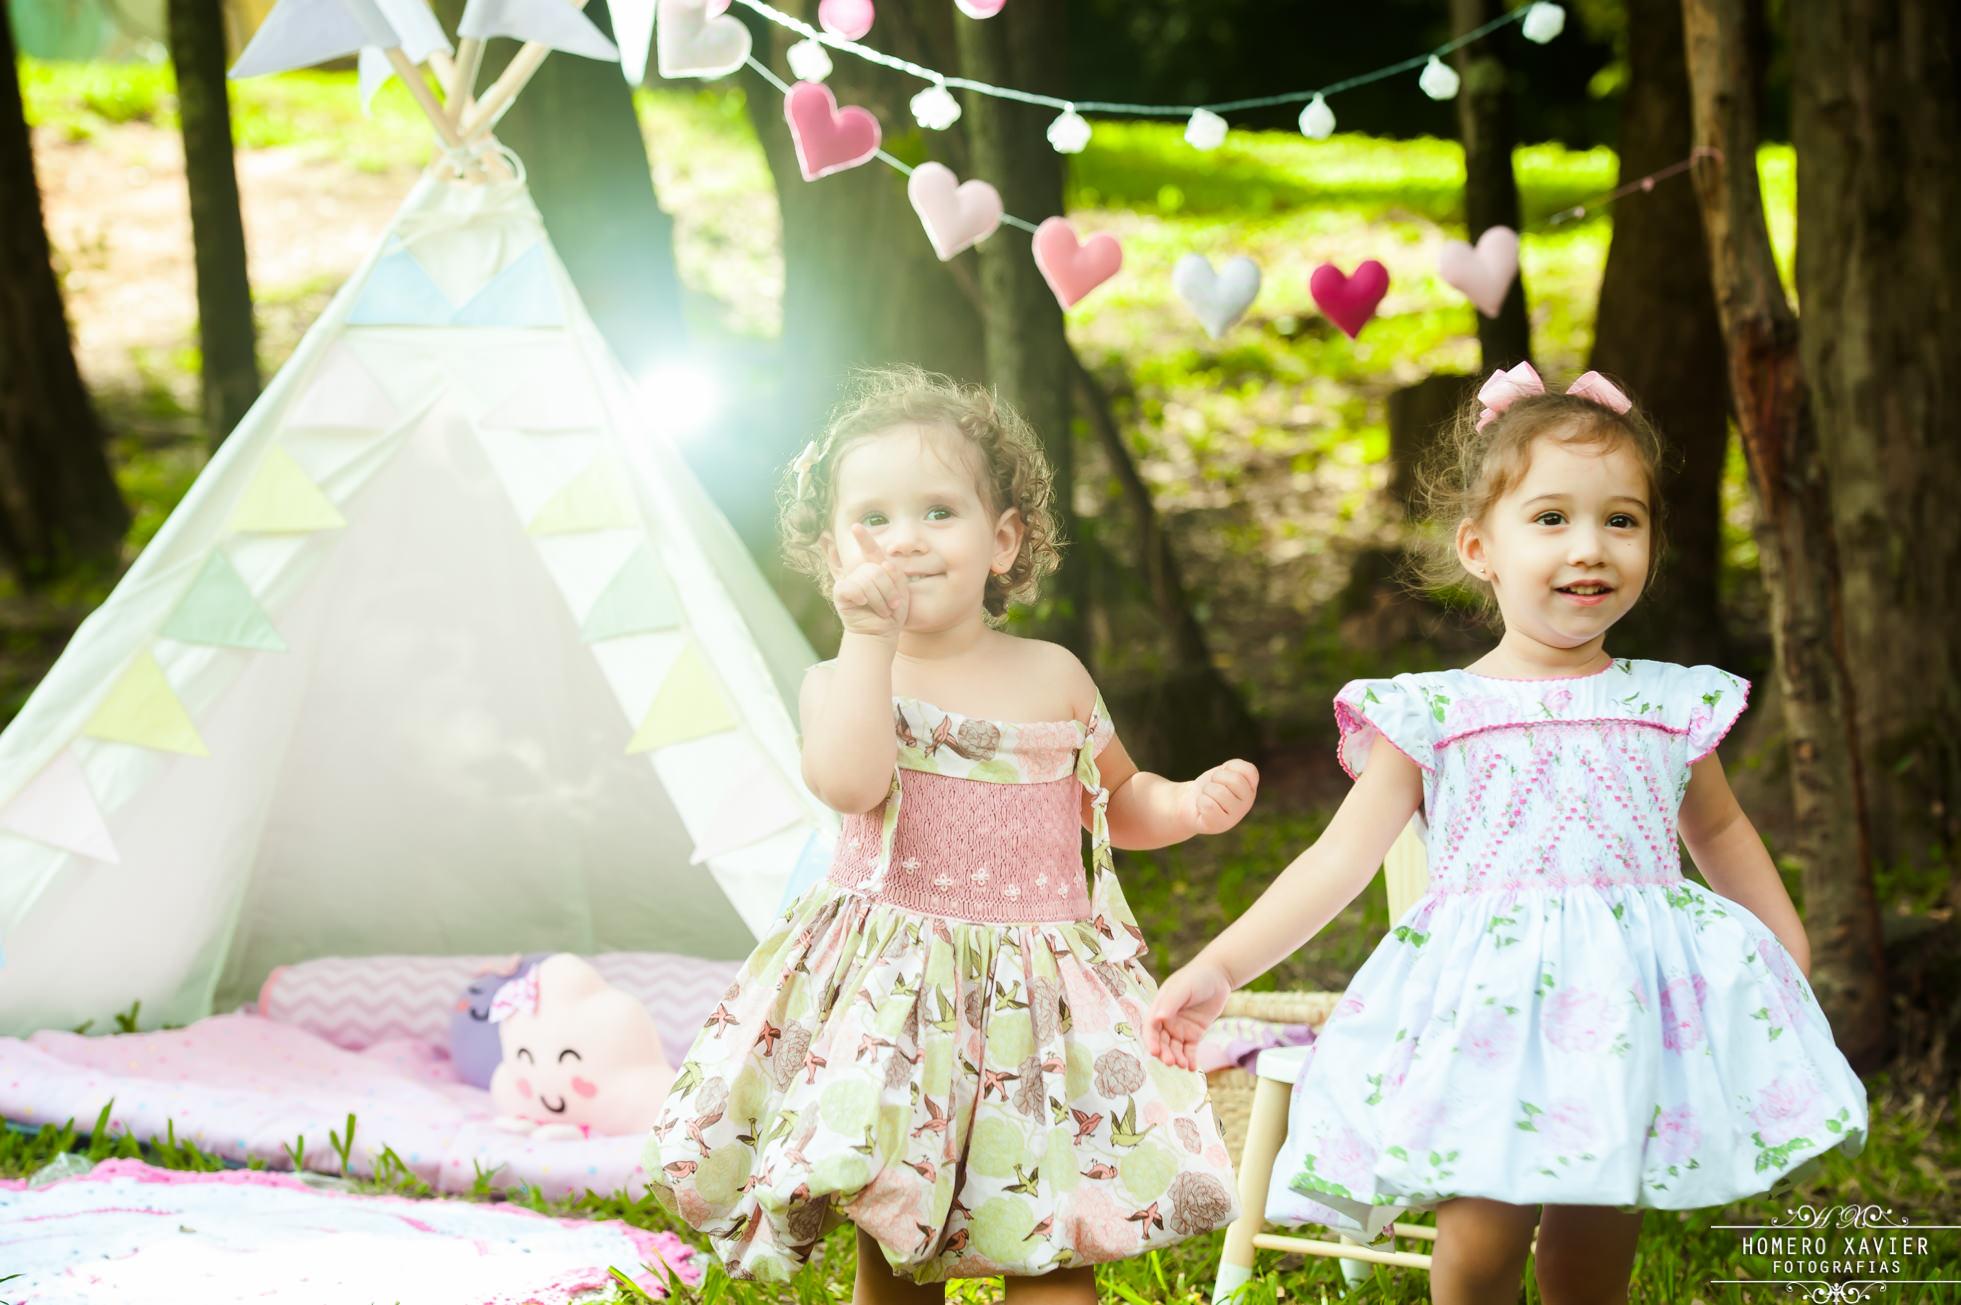 Sessão de fotos ambiente lúdico e encantador para as crianças brincarem